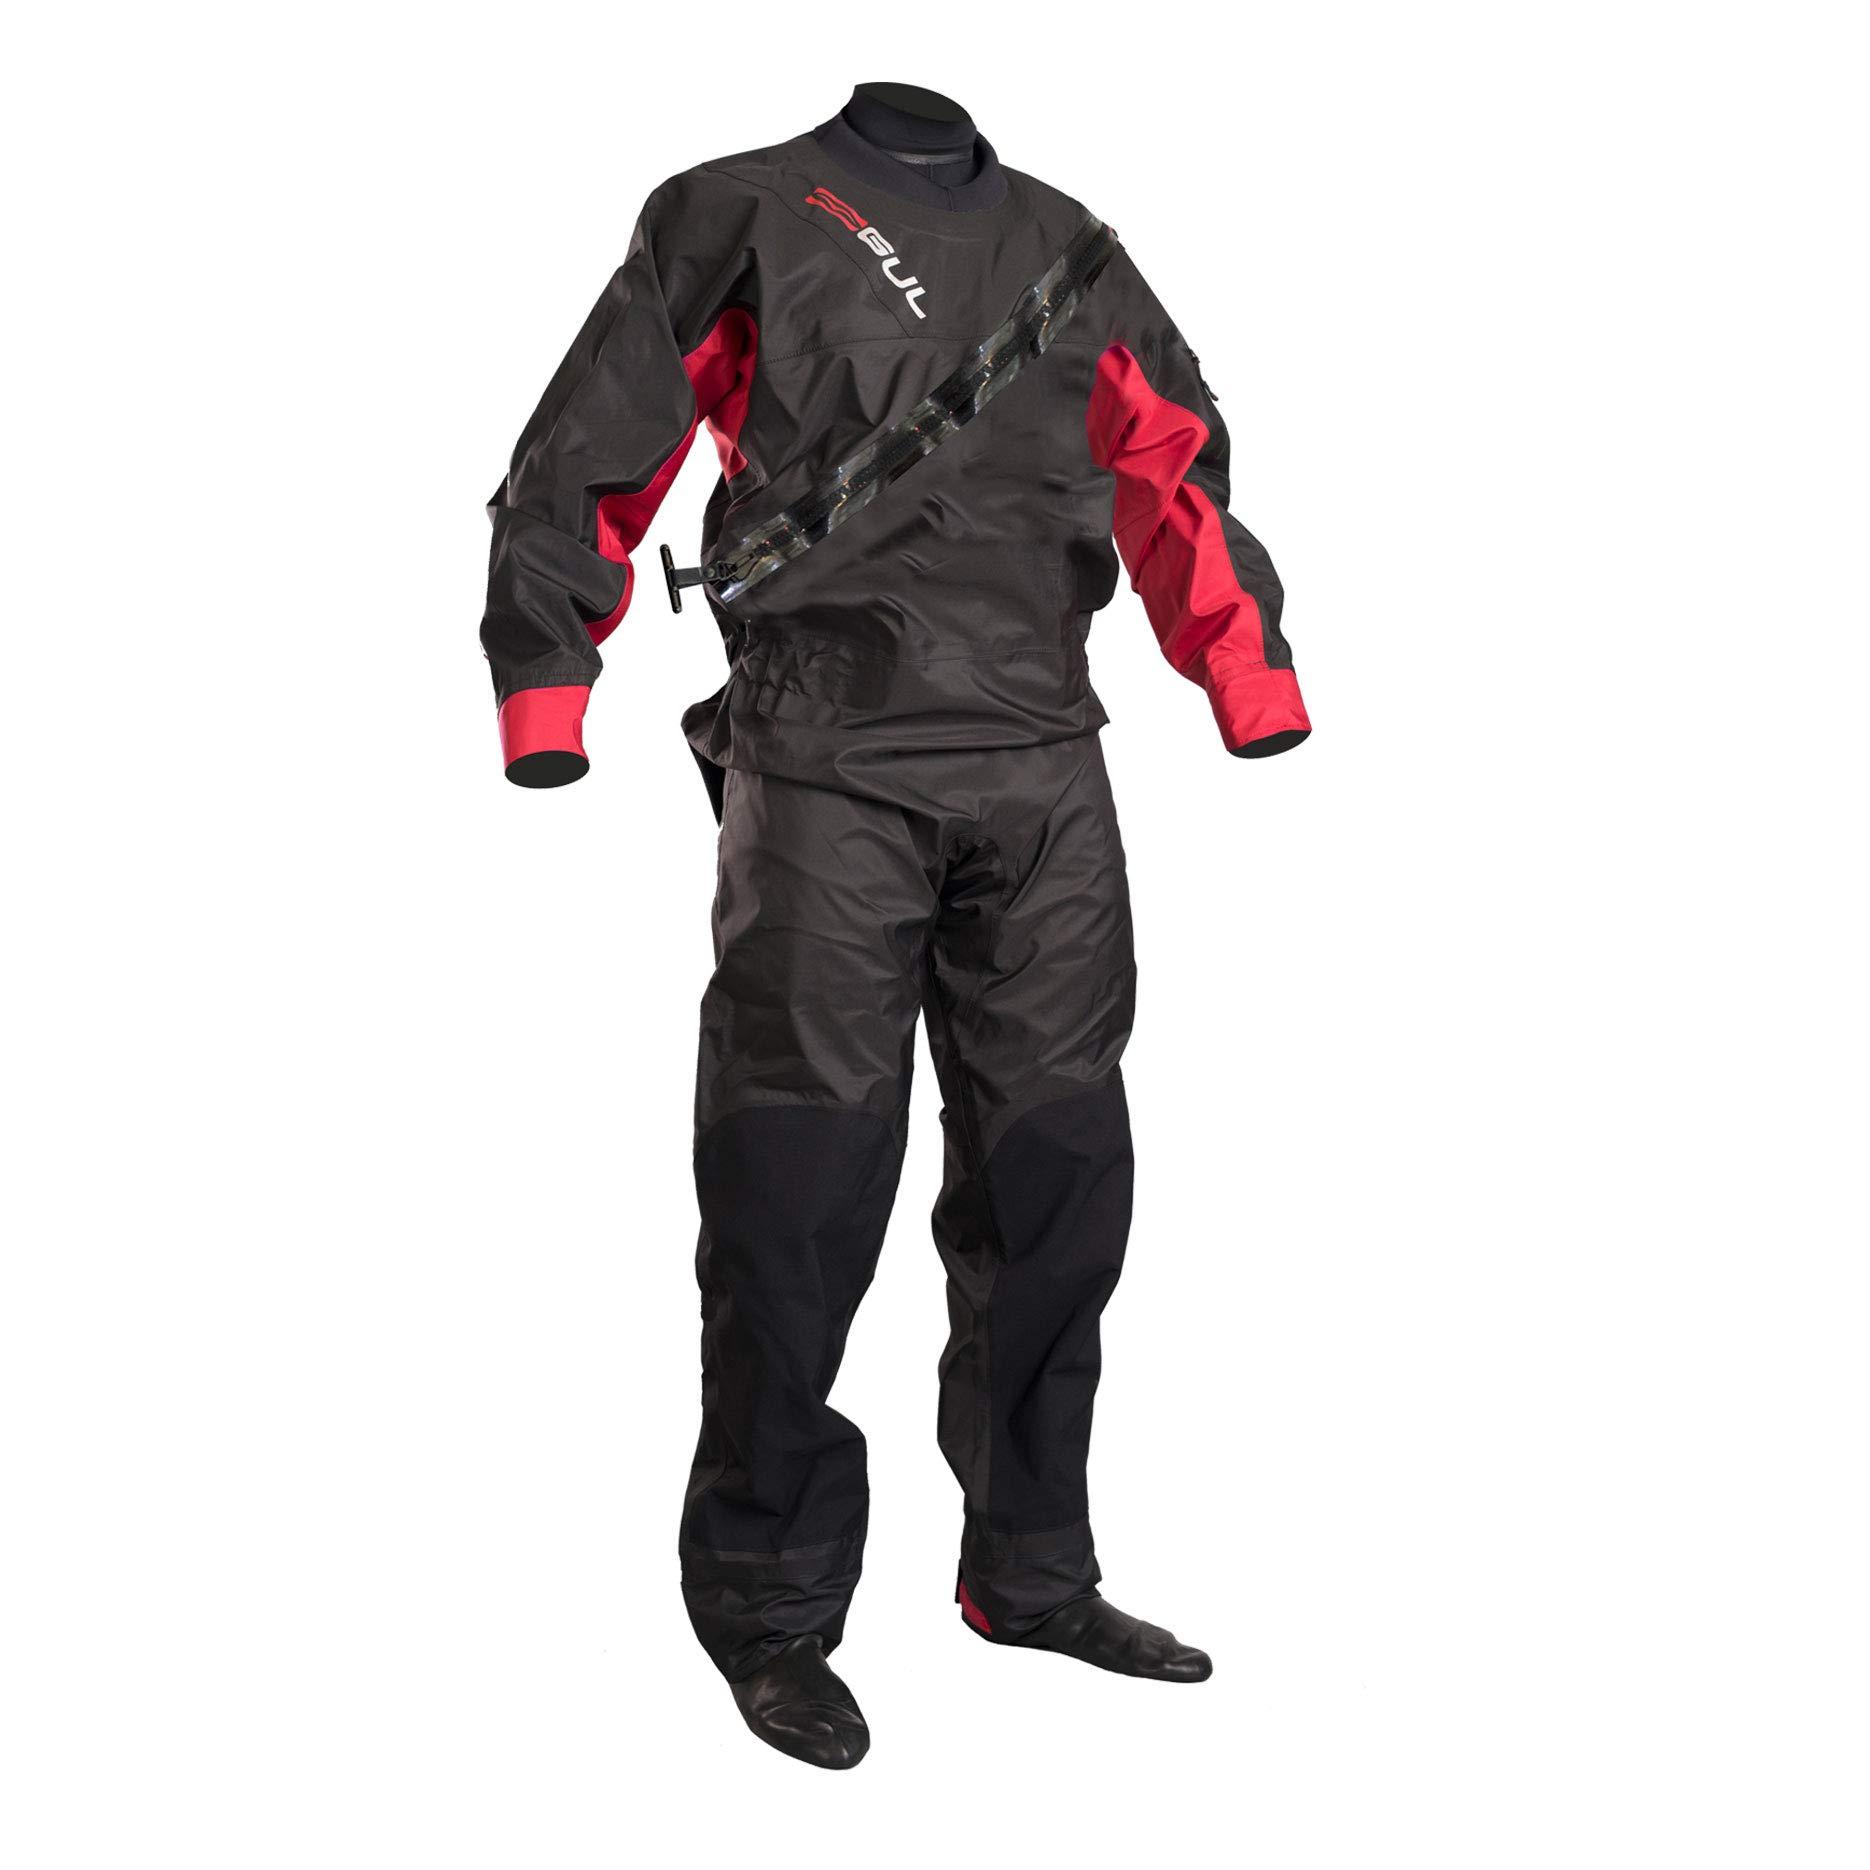 GUL 2018 Junior Dartmouth Eclip Zip Drysuit Black/RED GM0378-B5 with Free Undersuit Junior Sizes - Junior Large